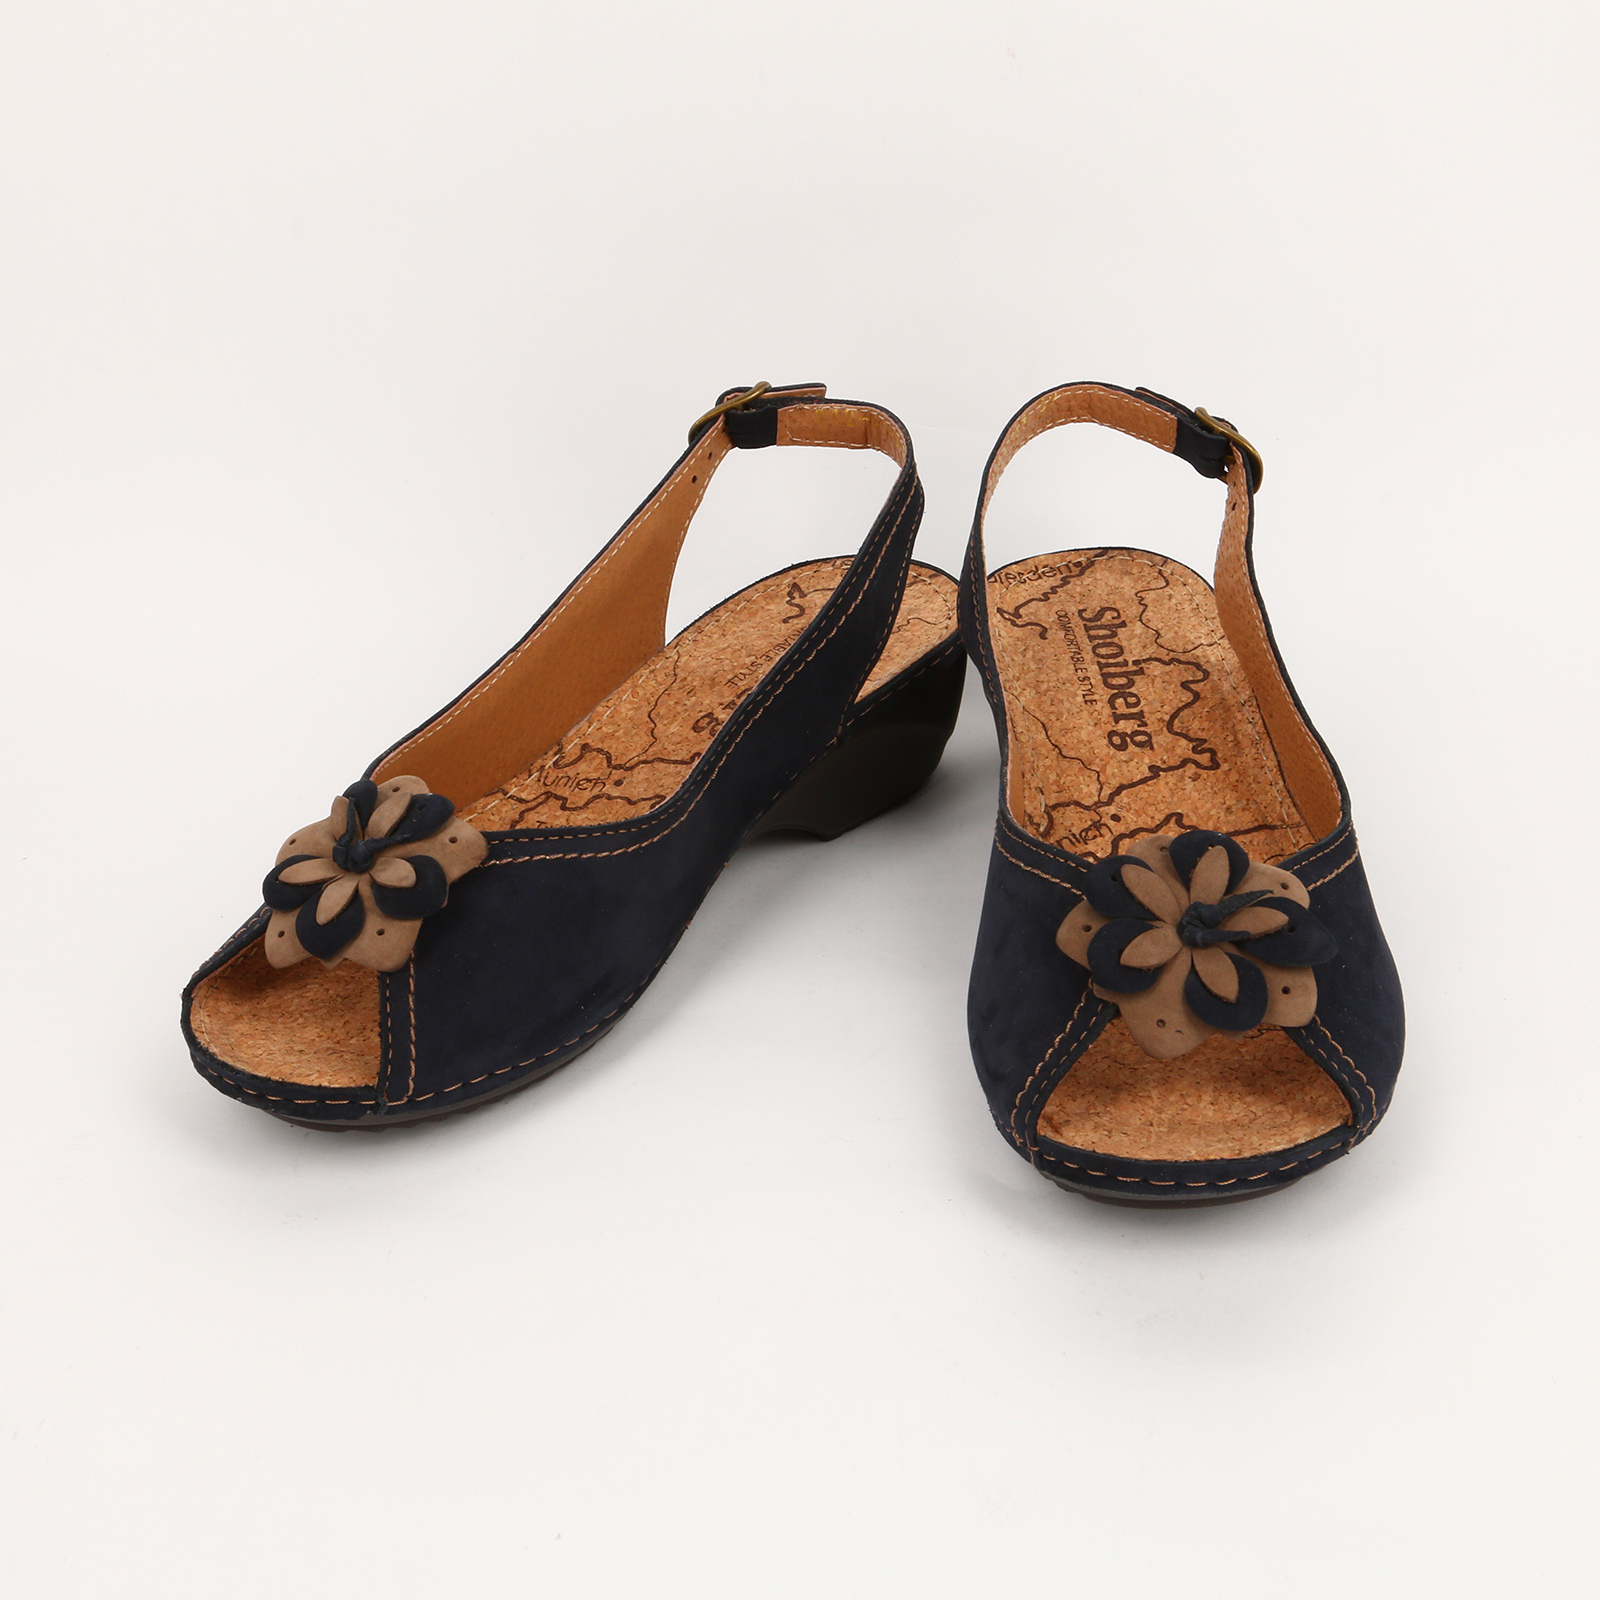 Босоножки с текстильным цветком на носке